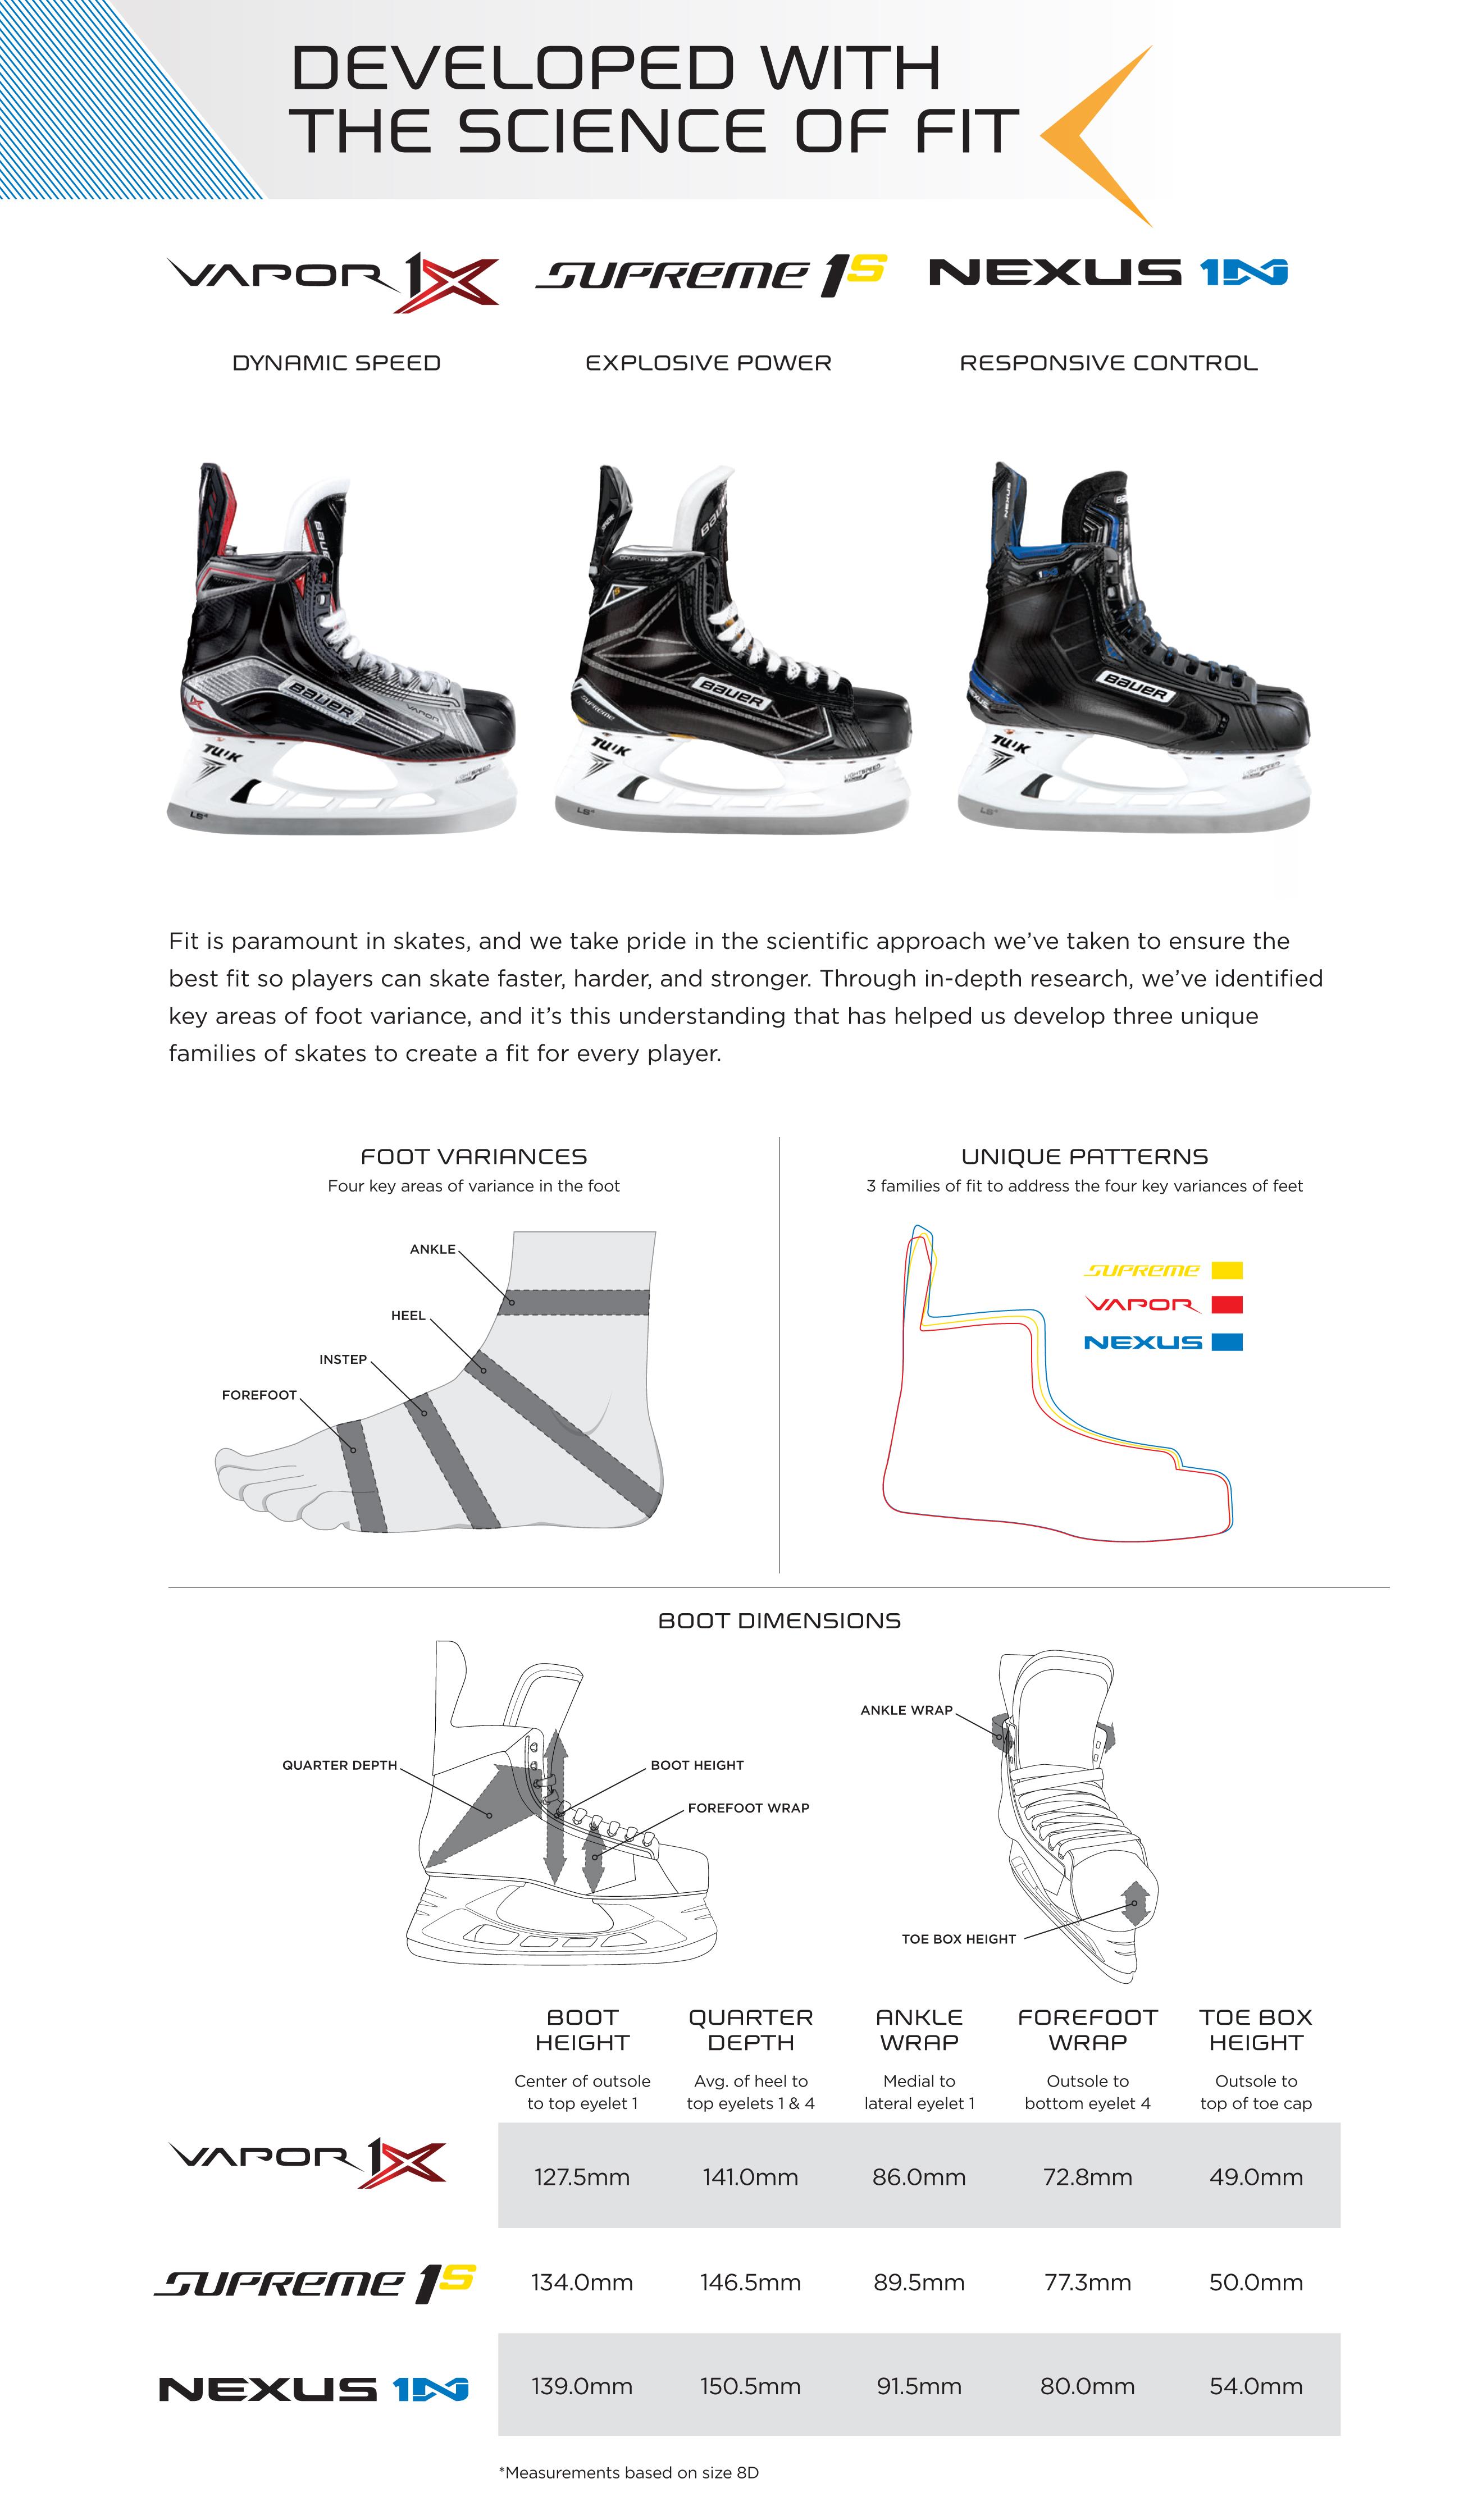 bauer-skate-fitting-guide.jpg